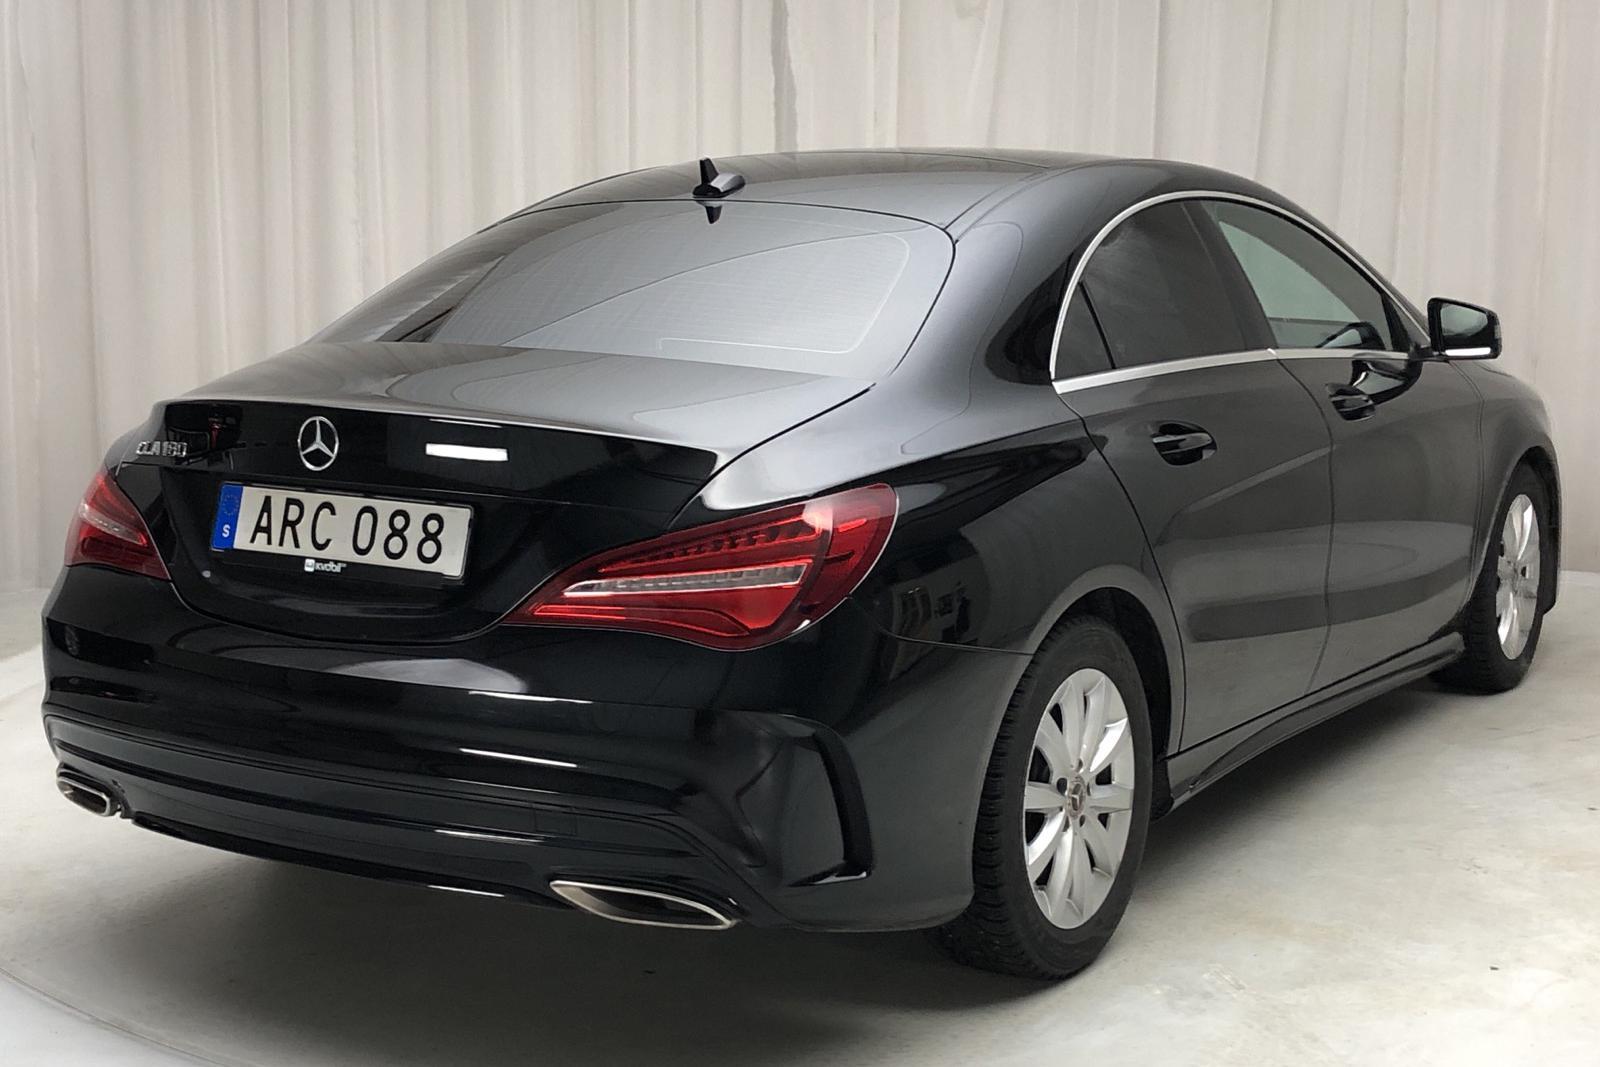 Mercedes CLA 180 Coupé C117 (122hk) AMG Panorama - 2 482 mil - Automat - svart - 2019